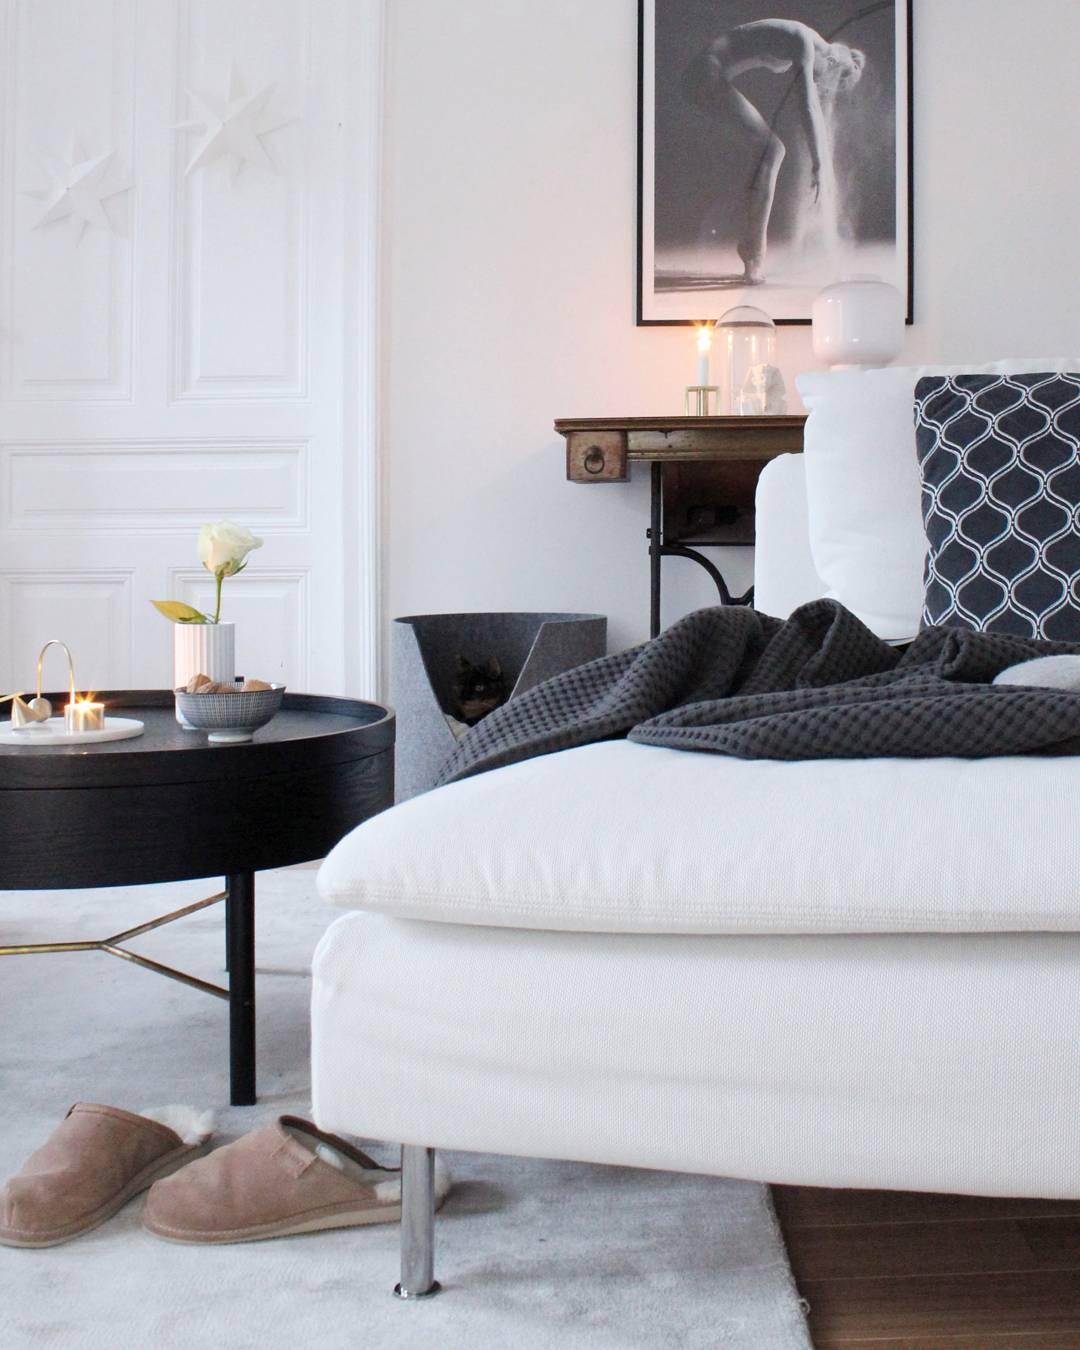 wei bilder ideen couchstyle - Wohnen Schwarz Weis